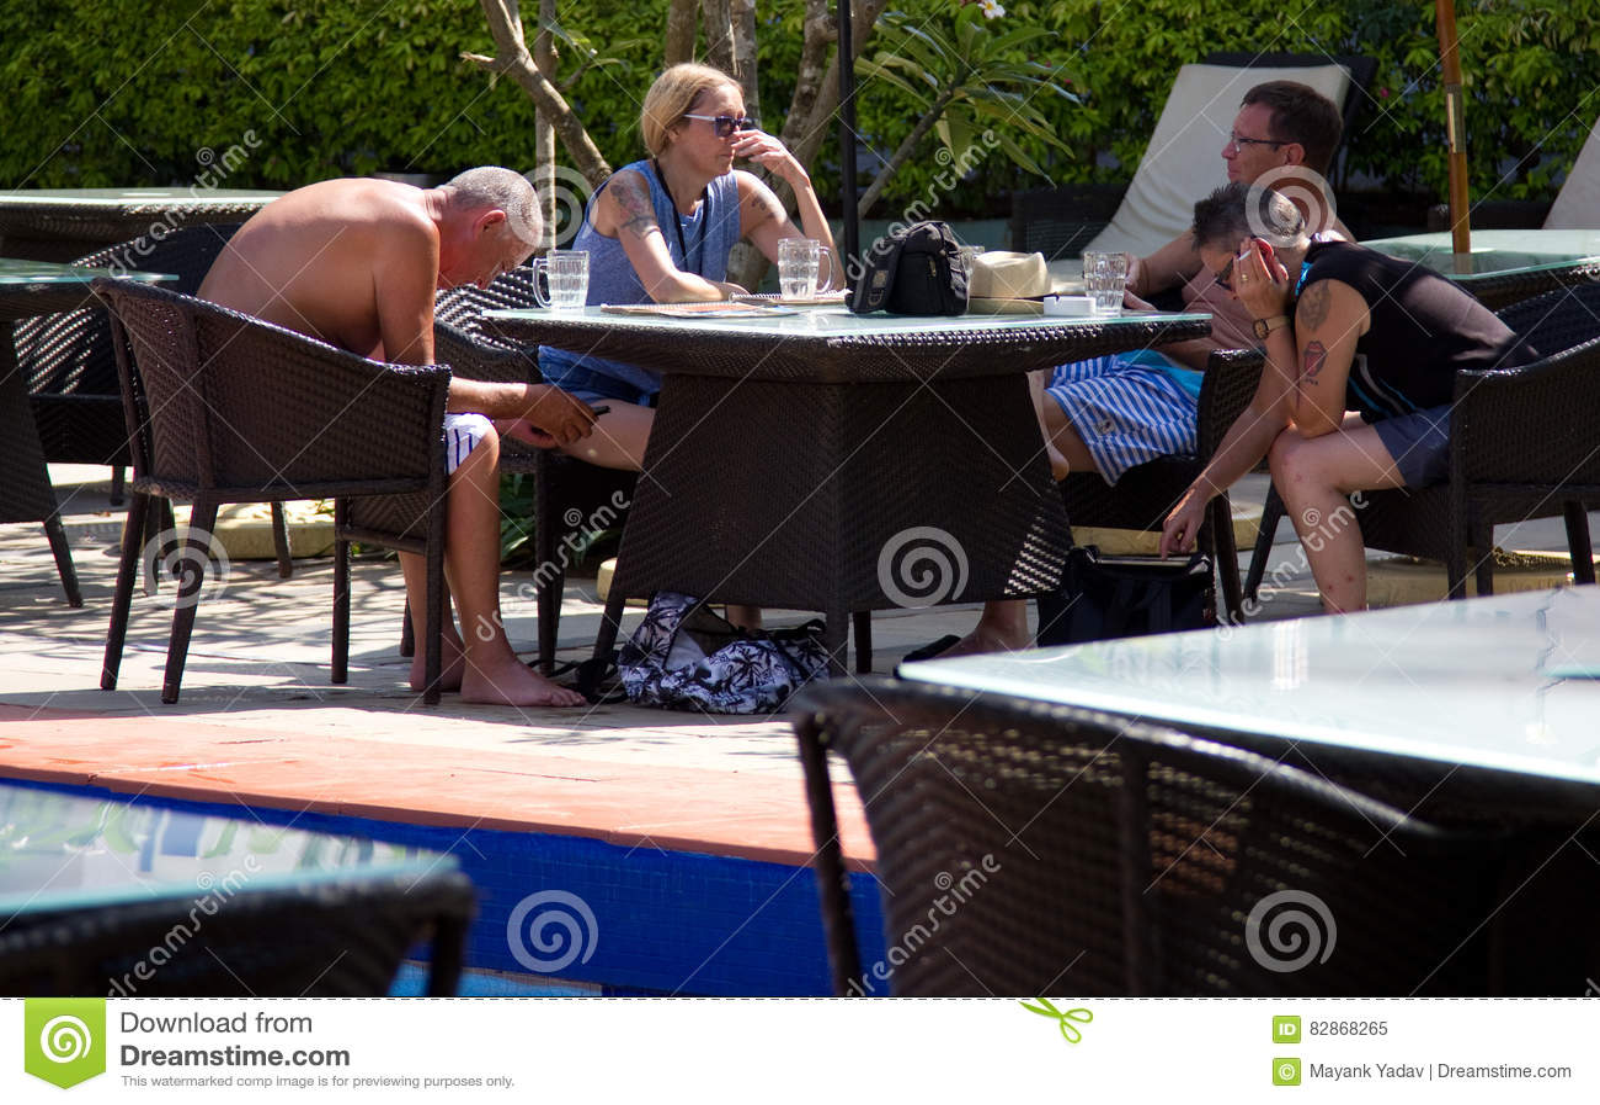 Goa, Inde - 16 décembre 2016 : Une famille des touristes des vacances se reposant à côté de l espace piscine dans un hôtel